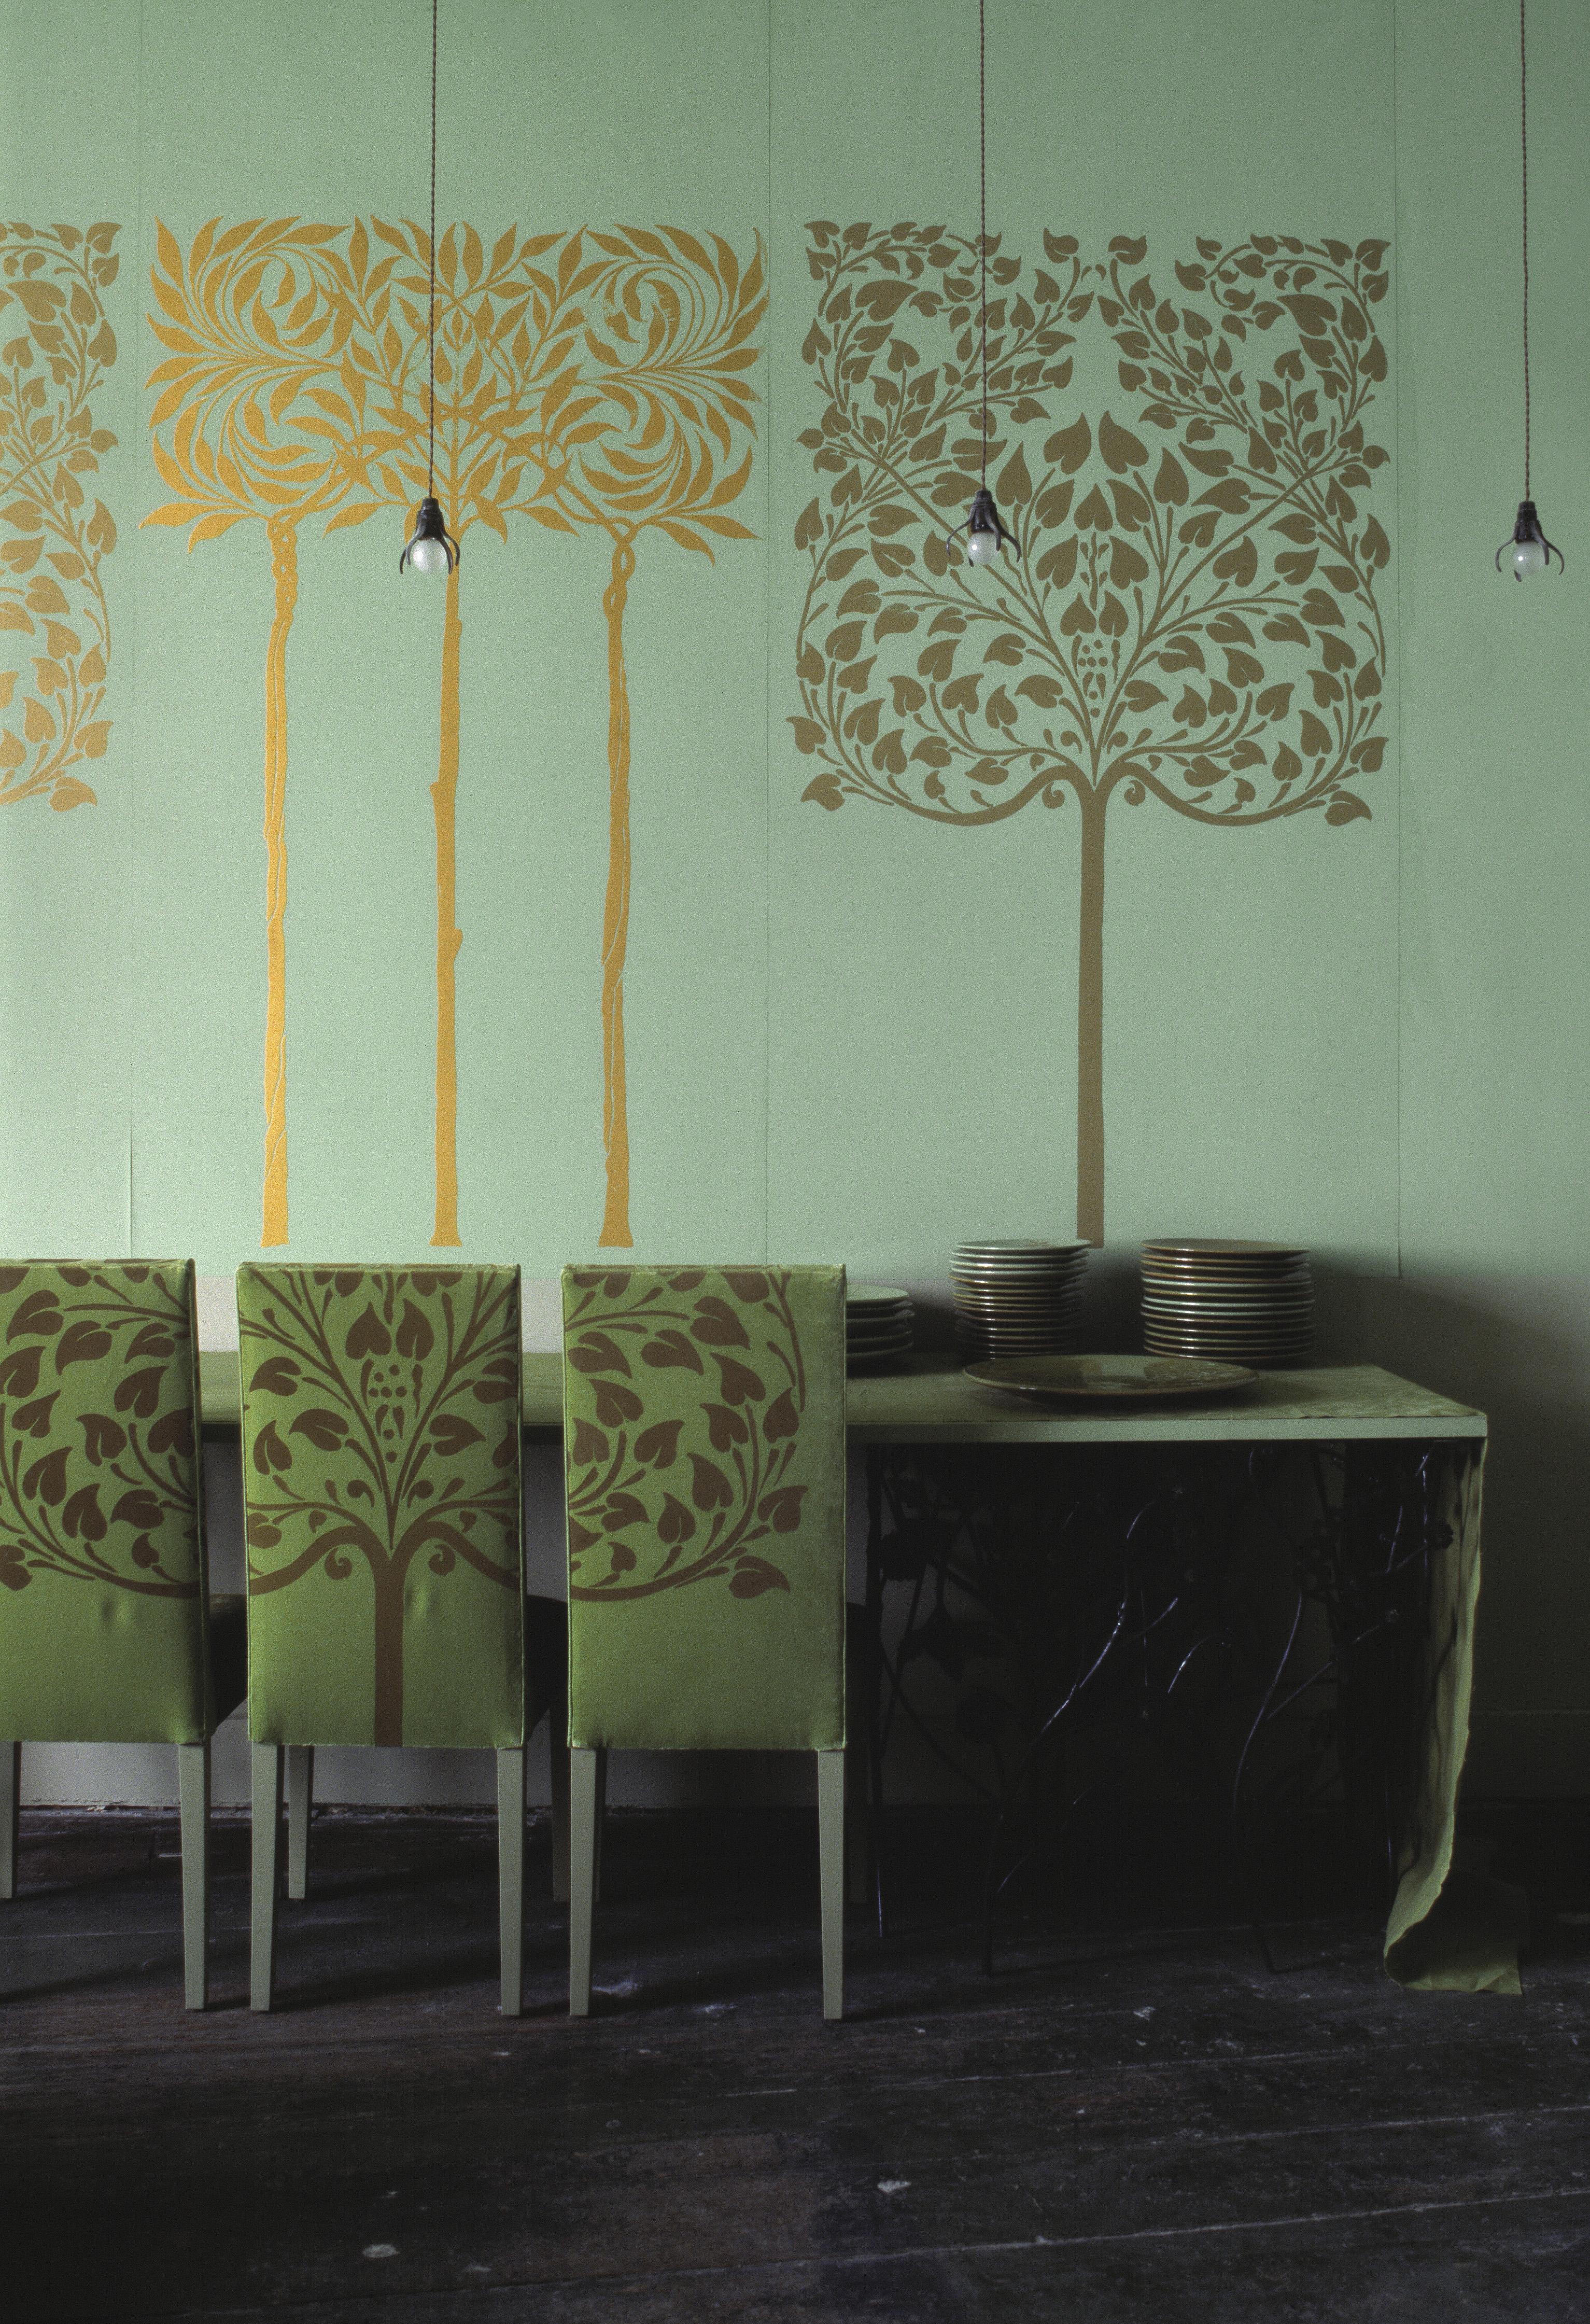 emery and cie papier peint motifs arbre premier et arbre second no7 glad design. Black Bedroom Furniture Sets. Home Design Ideas